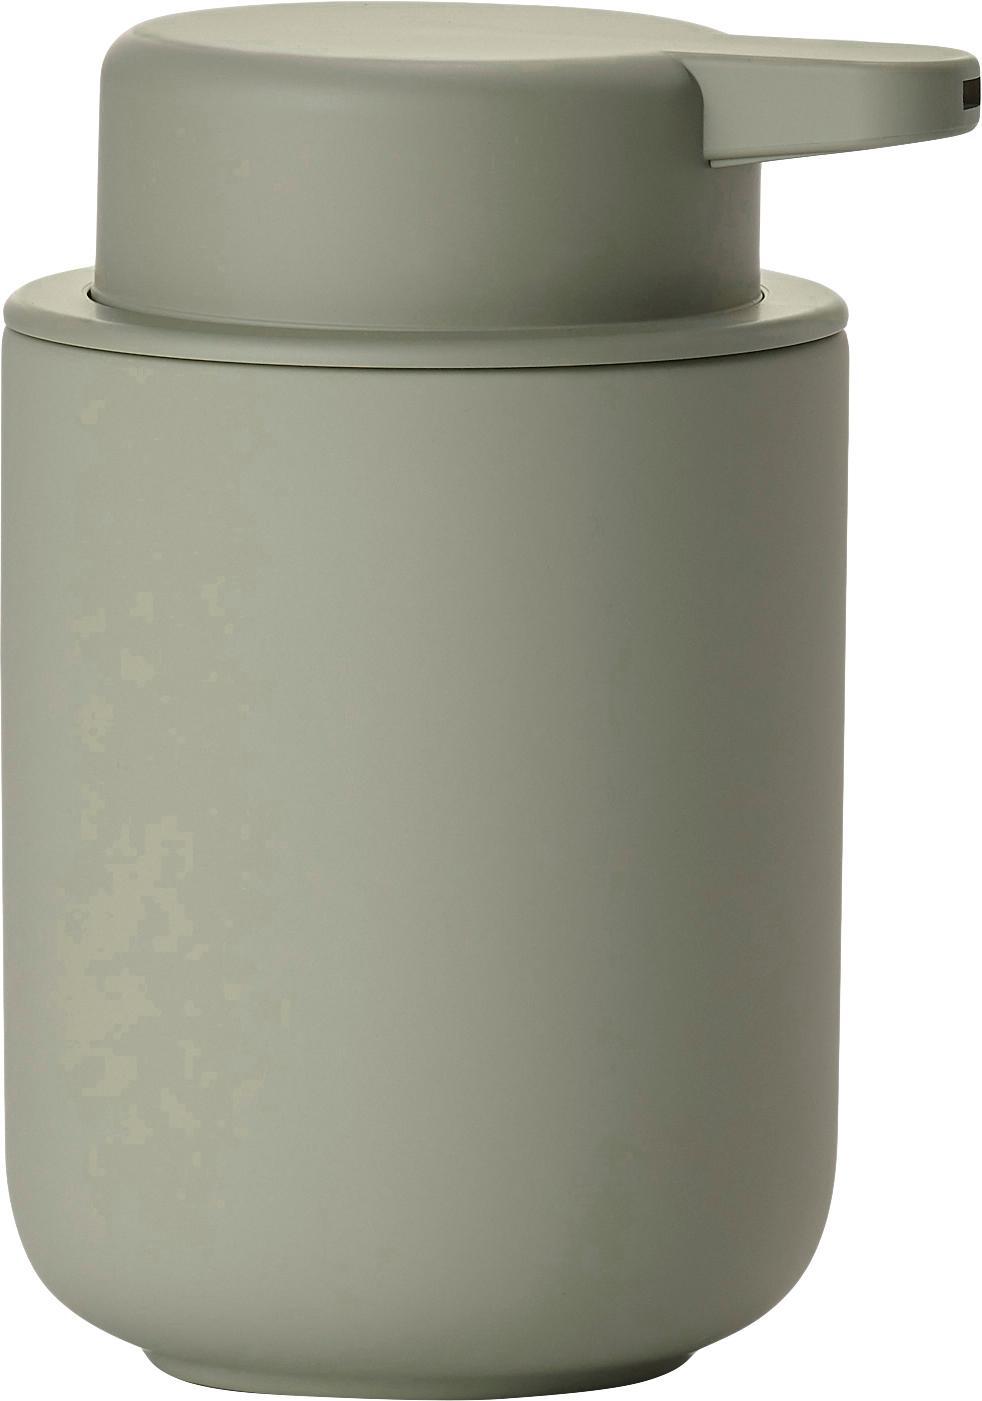 Dispenser sapone in terracotta Ume, Contenitore: terracotta rivestita con , Verde eucalipto, Ø 8 x Alt. 13 cm